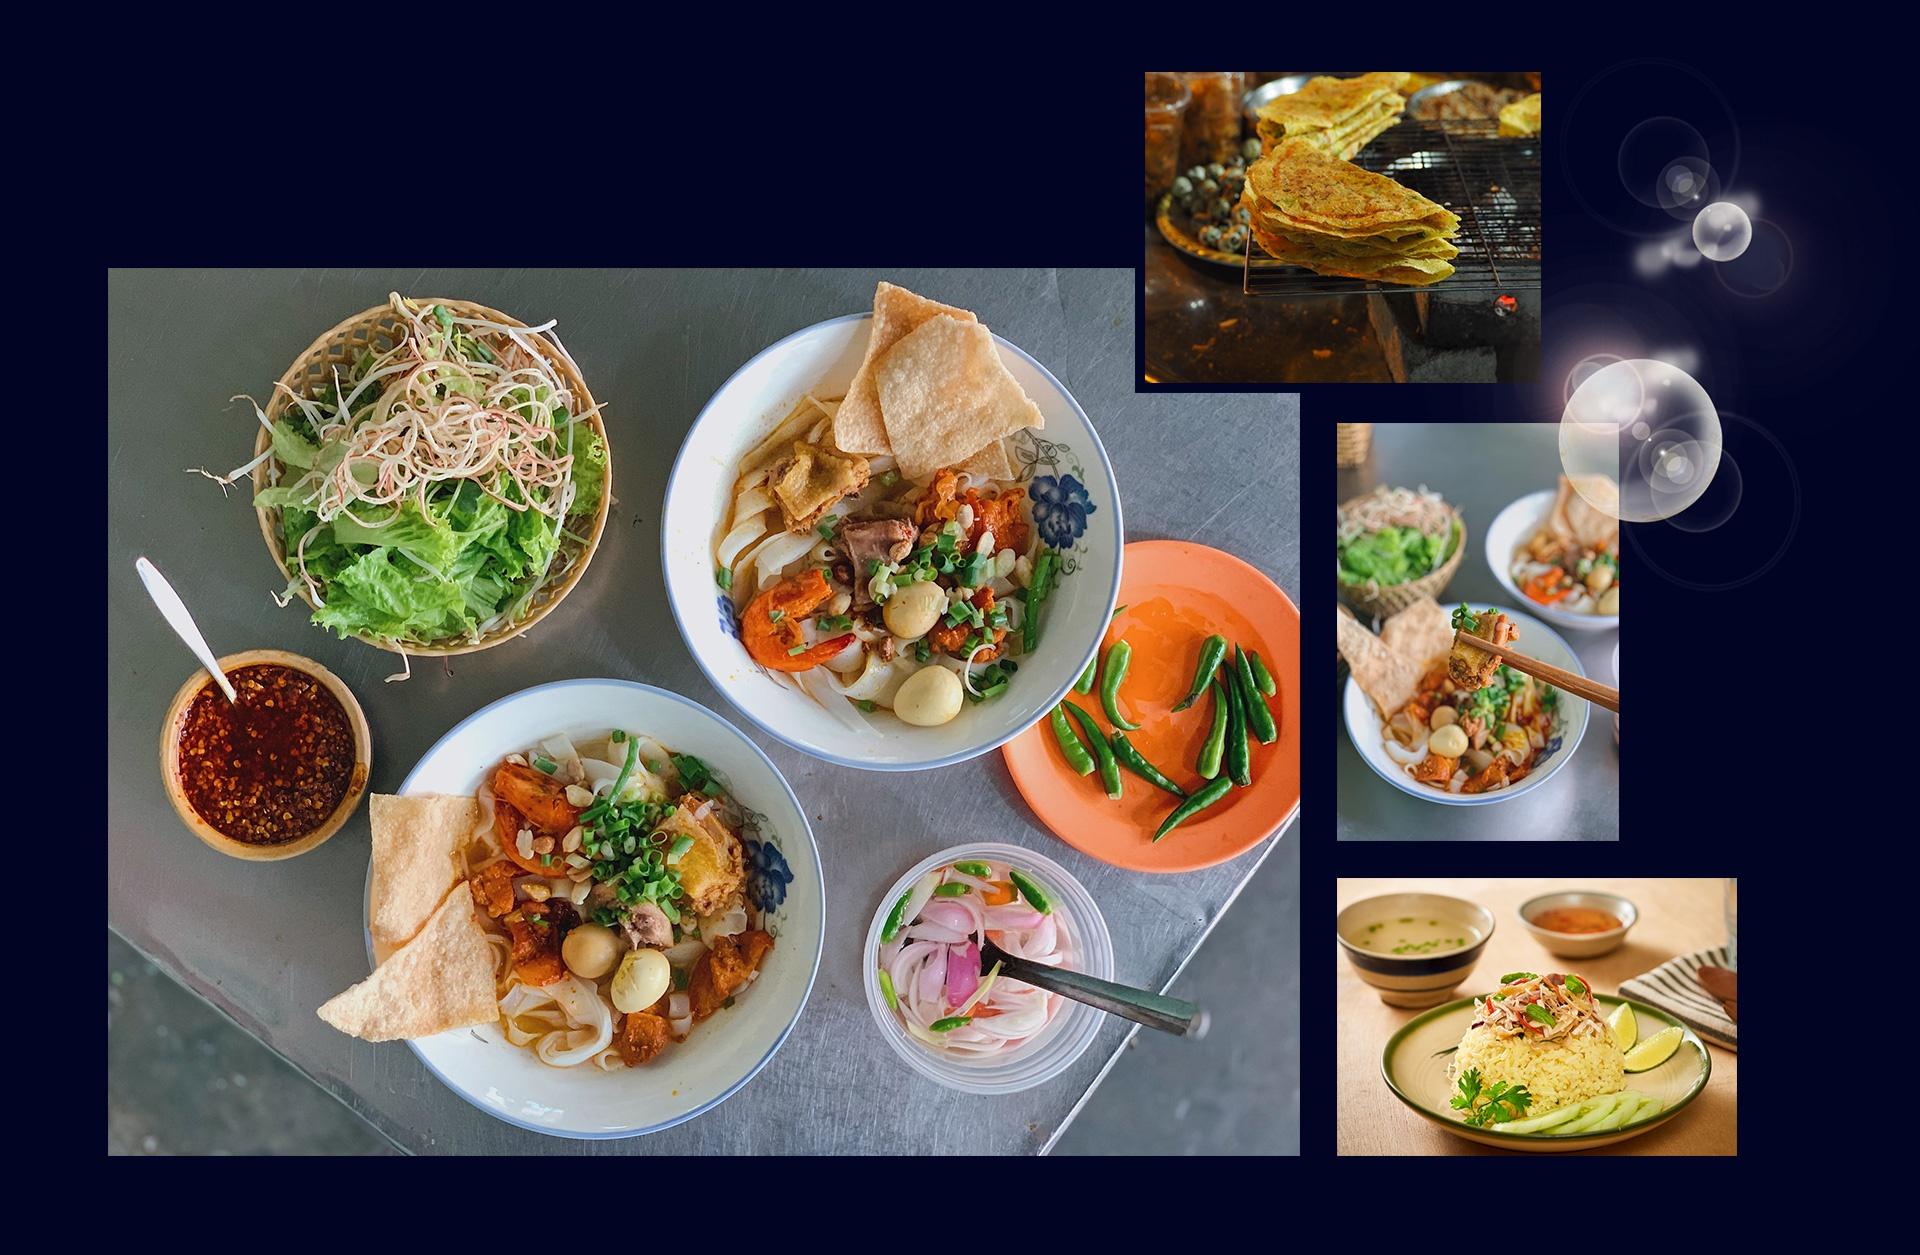 Lại có một Đà Nẵng khác hồn hậu và giản dị qua nền ẩm thực trù phú với bánh tráng thịt heo, bún chả cá, gỏi cá Nam Ô, bún mắm nêm, bánh xèo, ốc hút, bánh canh, mực rim…